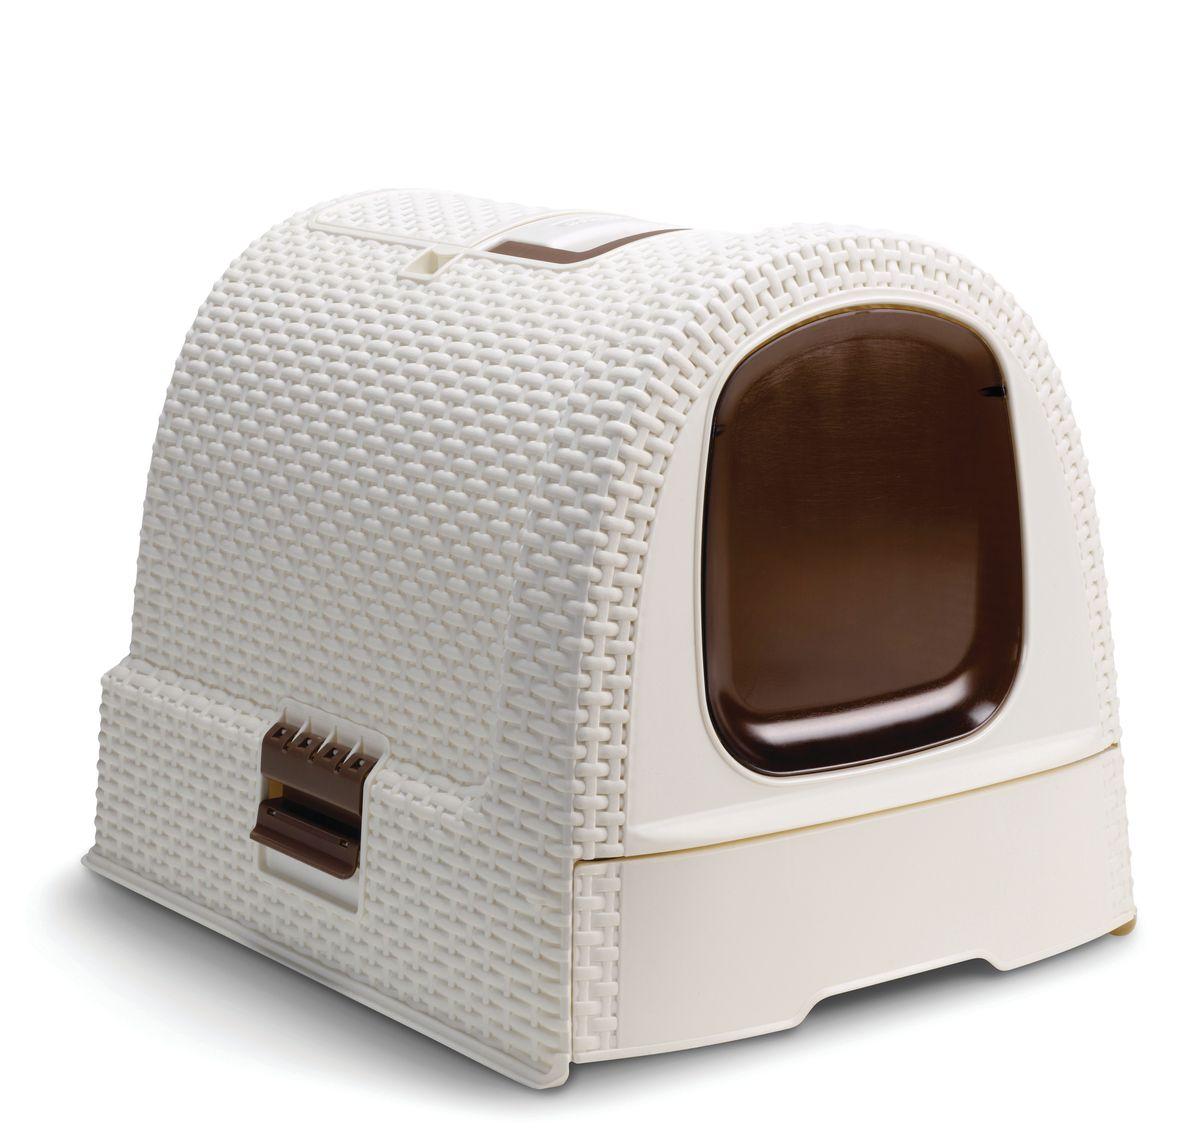 Туалет для кошек CurverPet Life, закрытый, цвет: кремово-коричневый, 51 х 39 х 40 см20237Разборный туалет для кошек CurverPet Life выполнен из пластика и оформлен декоративным плетением. Оснащен ручкой для удобной транспортировки и выдвижным лотком для удобства чистки.Туалет для кошек CurverPet Life идеально подходит для стеснительных особ.Совок и фильтр в комплект не входят.